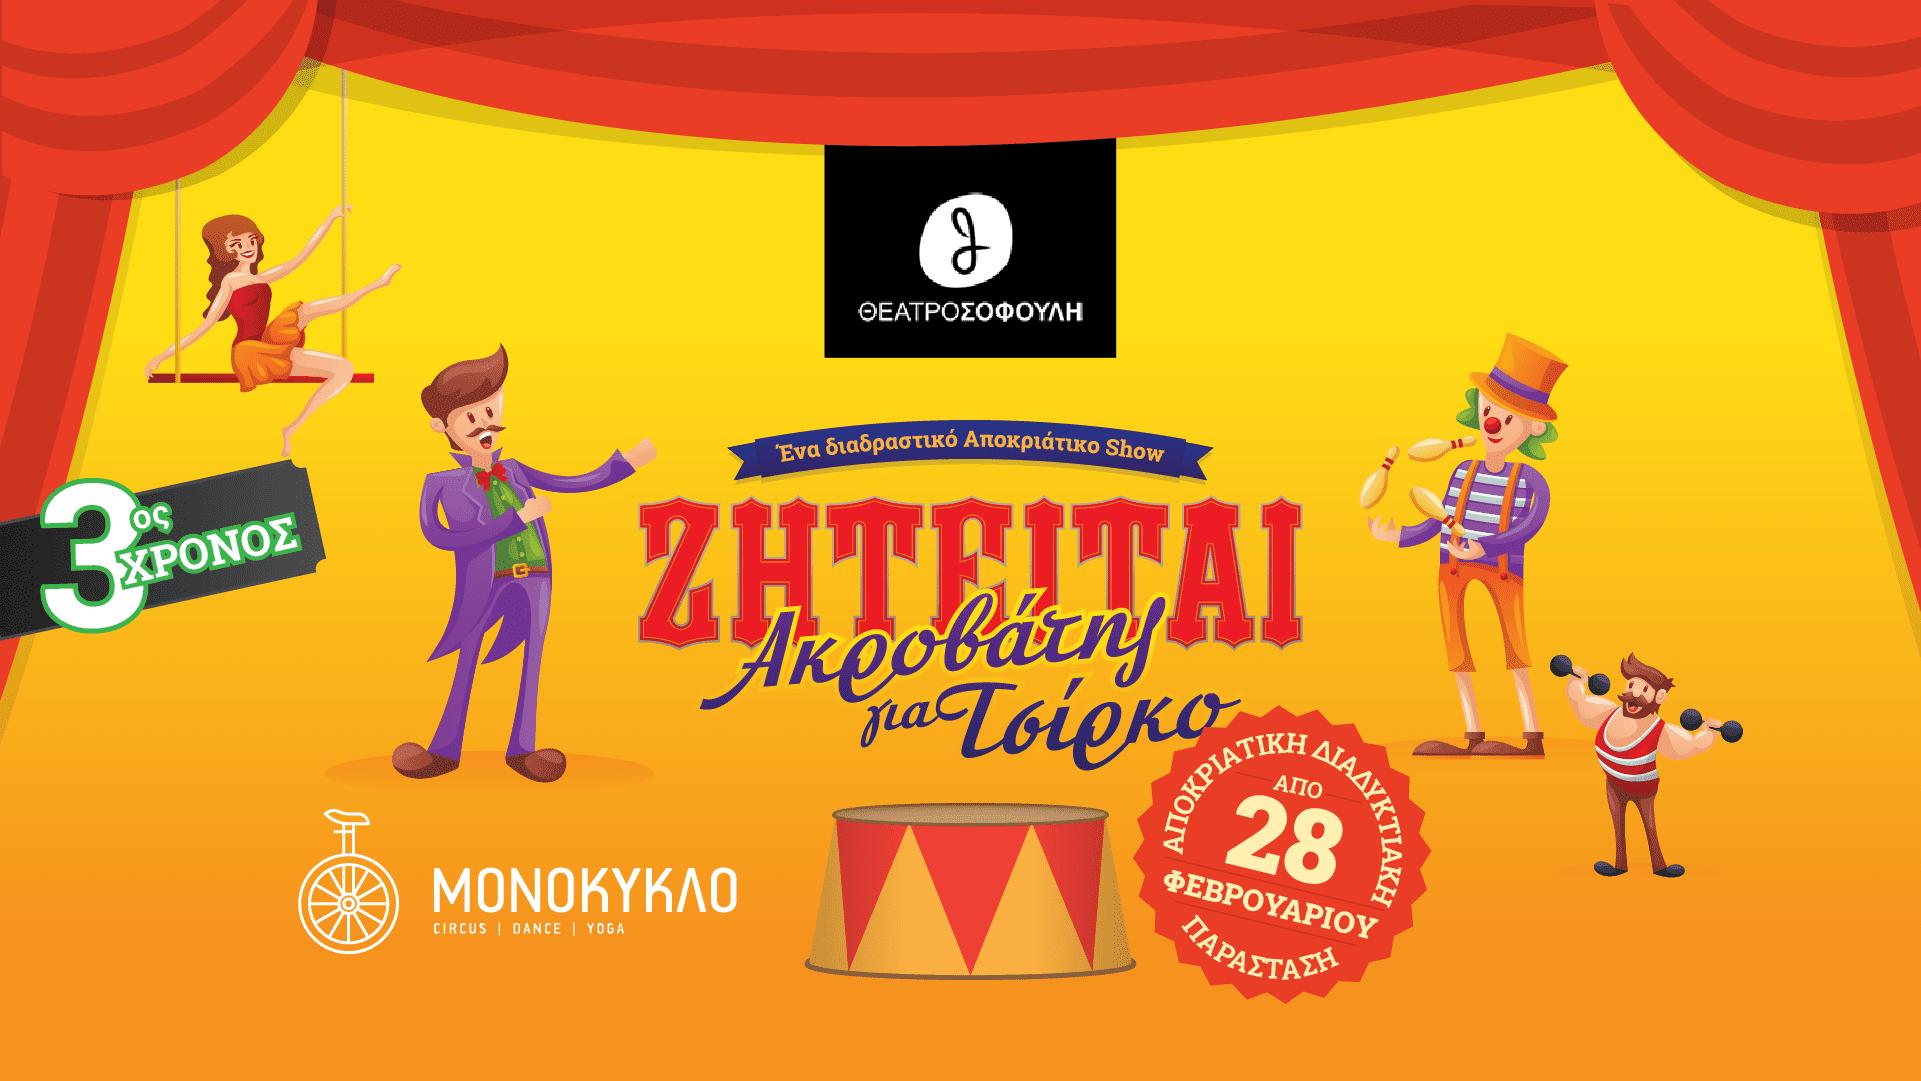 Πρεμιέρα Κυριακή 28 Φεβρουαρίου: «Ζητείται ακροβάτης για Τσίρκο» Online Stream